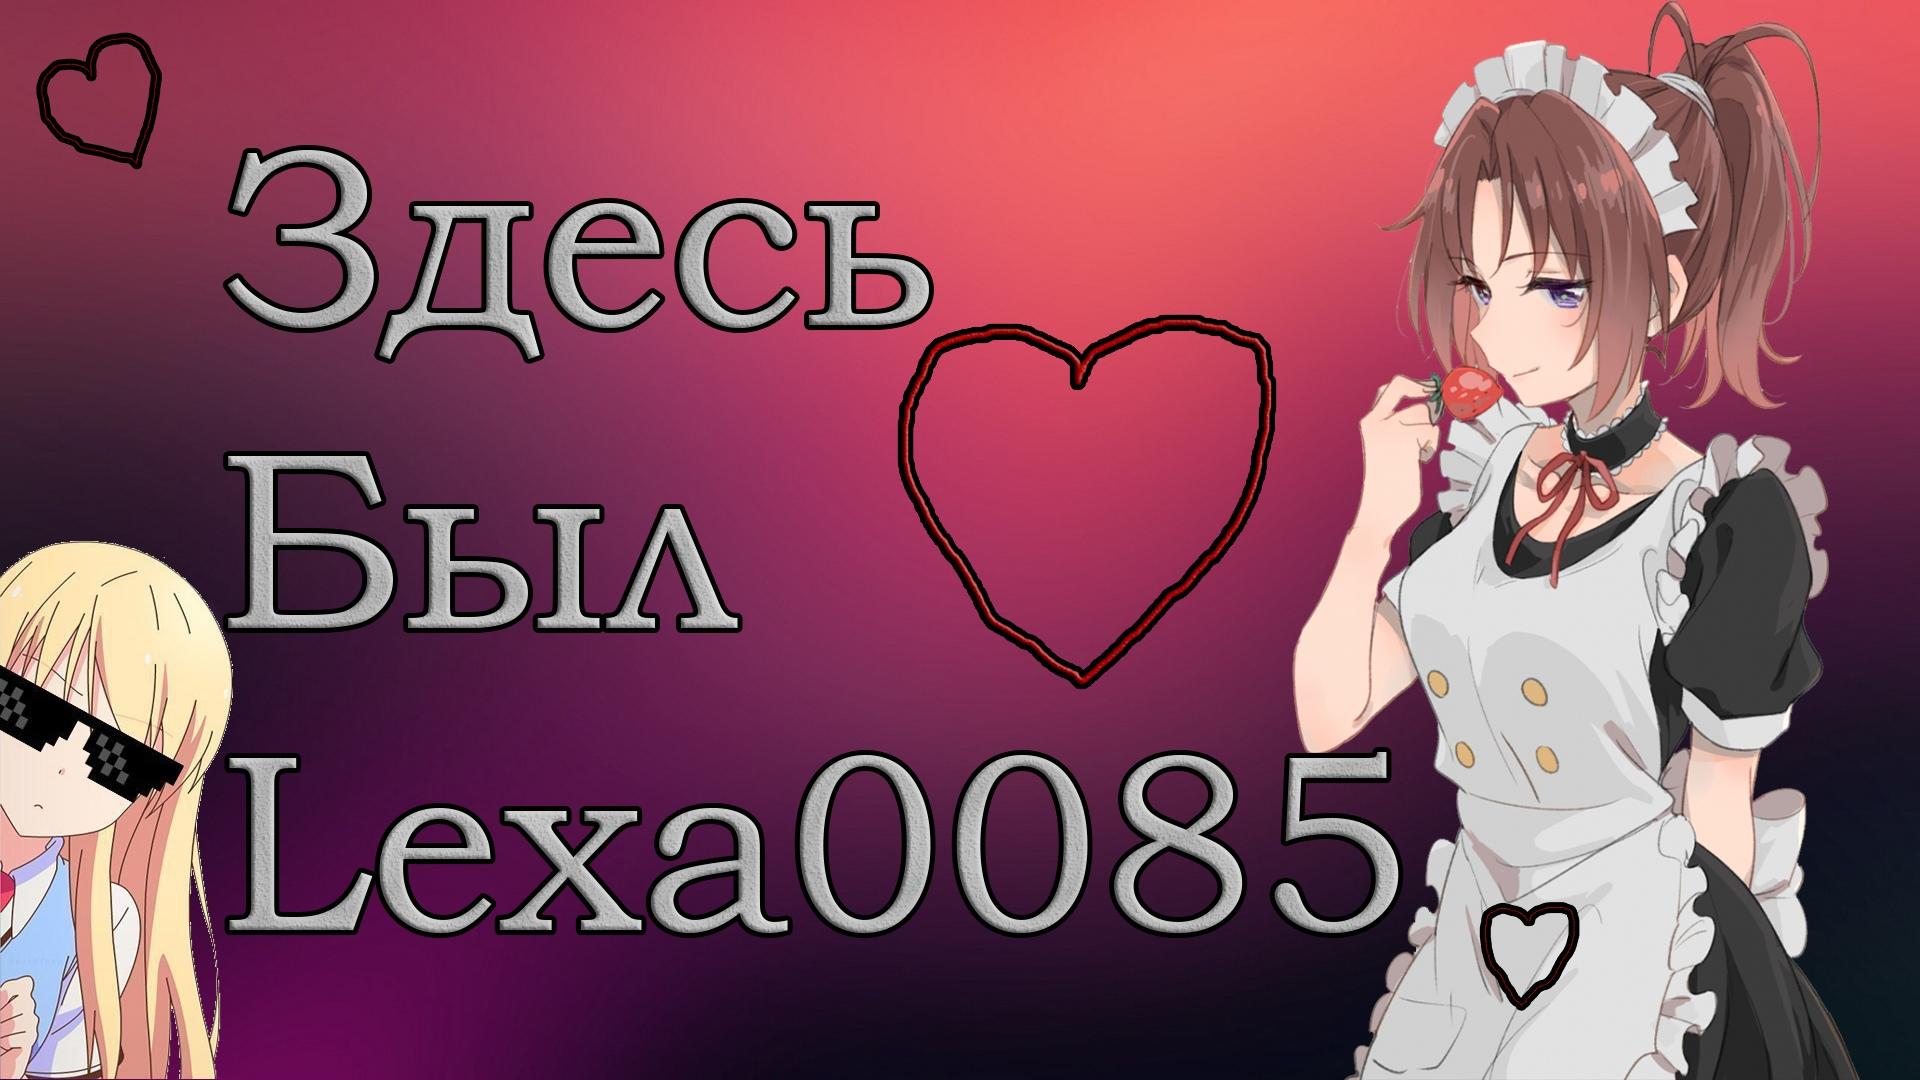 Lexa0085 | Купить роспись ВКонтакте на SignDonate